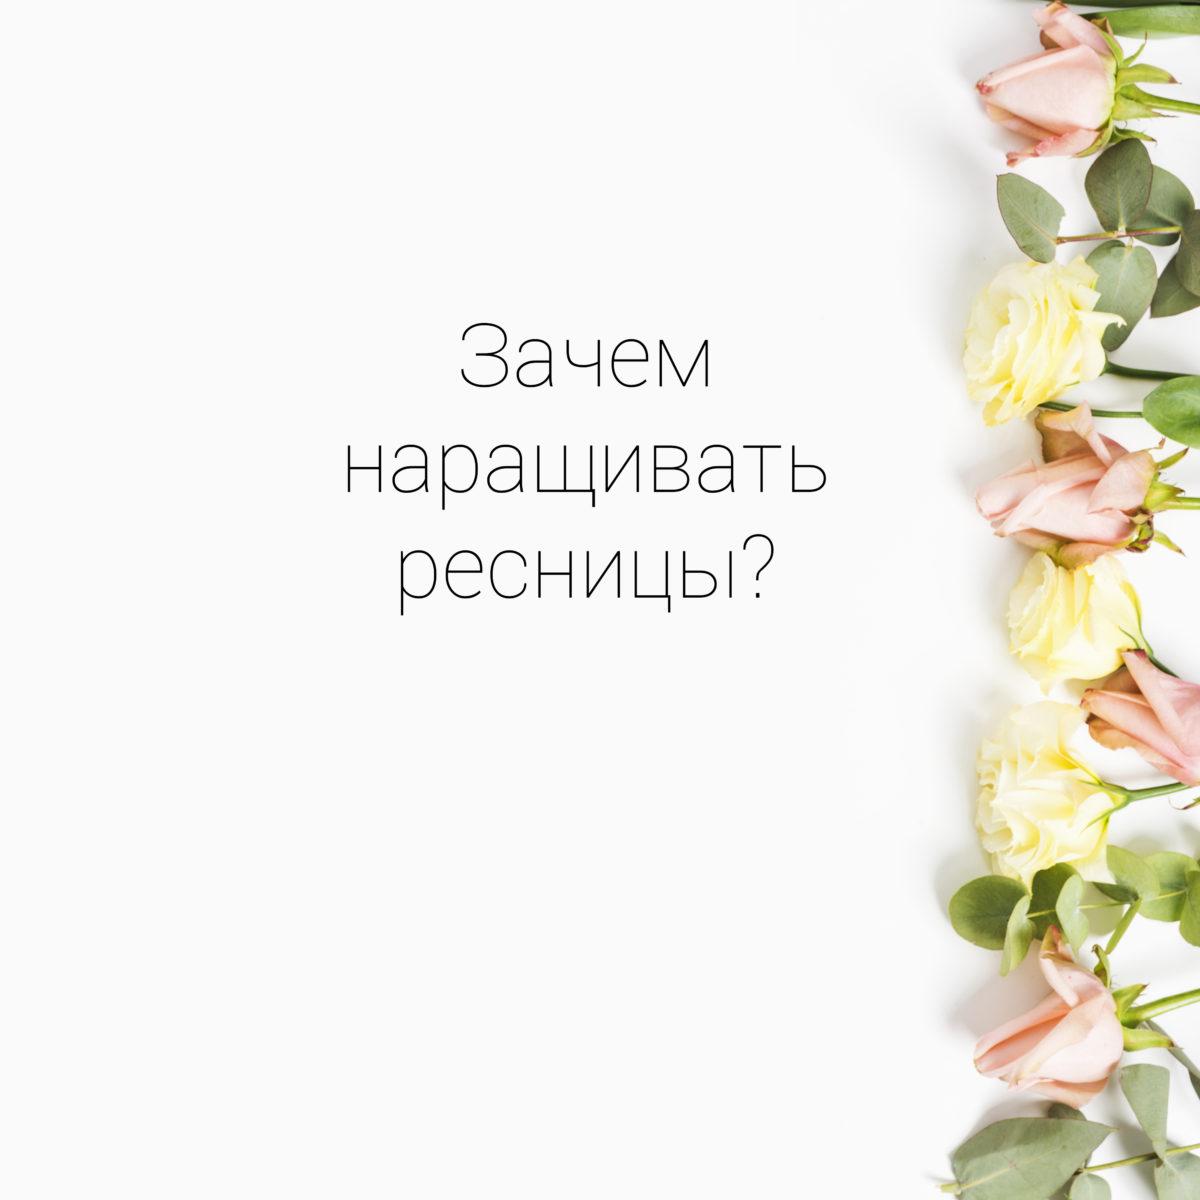 Зачем наращивать ресницы. Нарастить ресницы в Минске